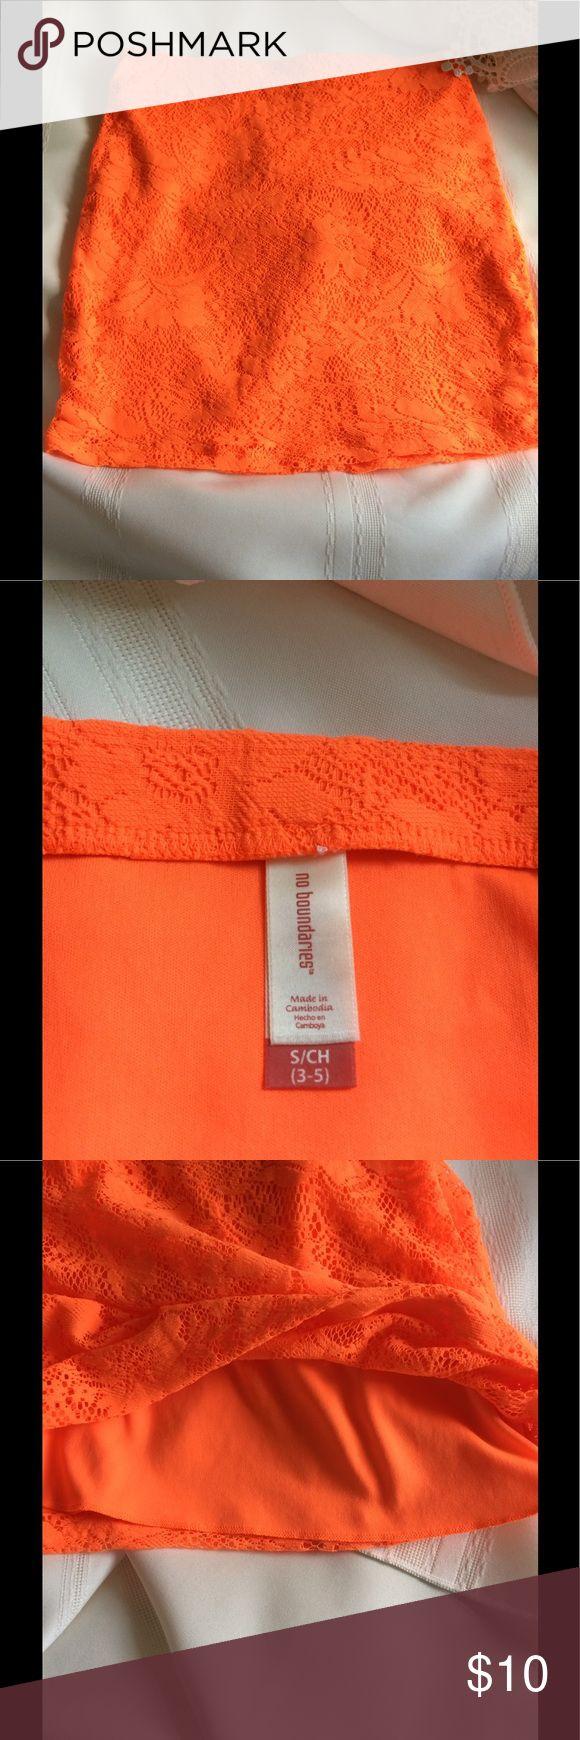 """No Boundaries Orange Stretch Pencil Skirt S/CH 3-5 No boundaries orange stretch pencil skirt size S/CH (3-5) waist 14"""" length 16"""". No Boundaries Other"""